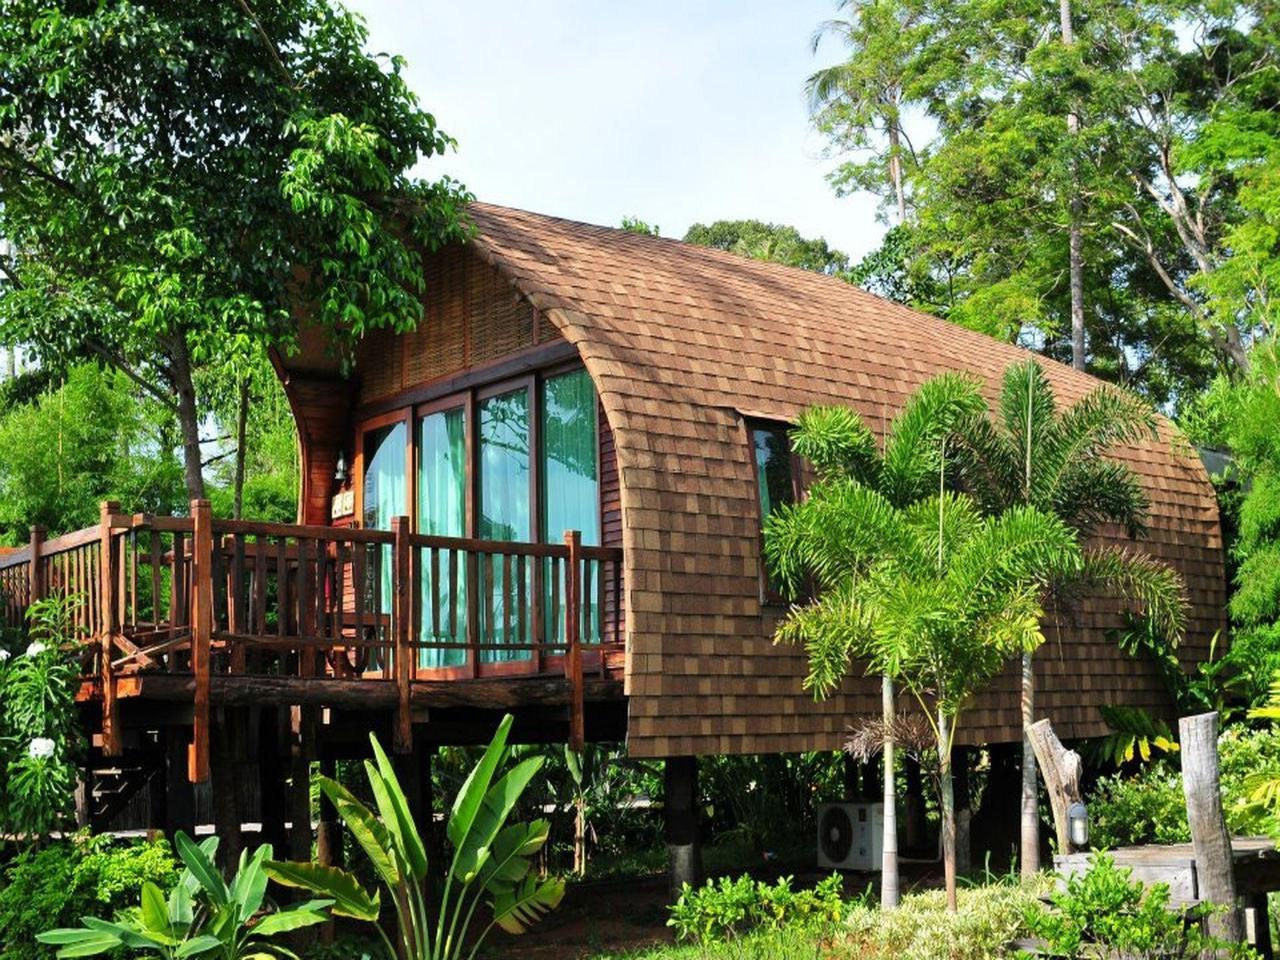 เดอะ ซินนามอน อาร์ต รีสอร์ท แอนด์ สปา (The Cinnamon Art Resort and Spa)